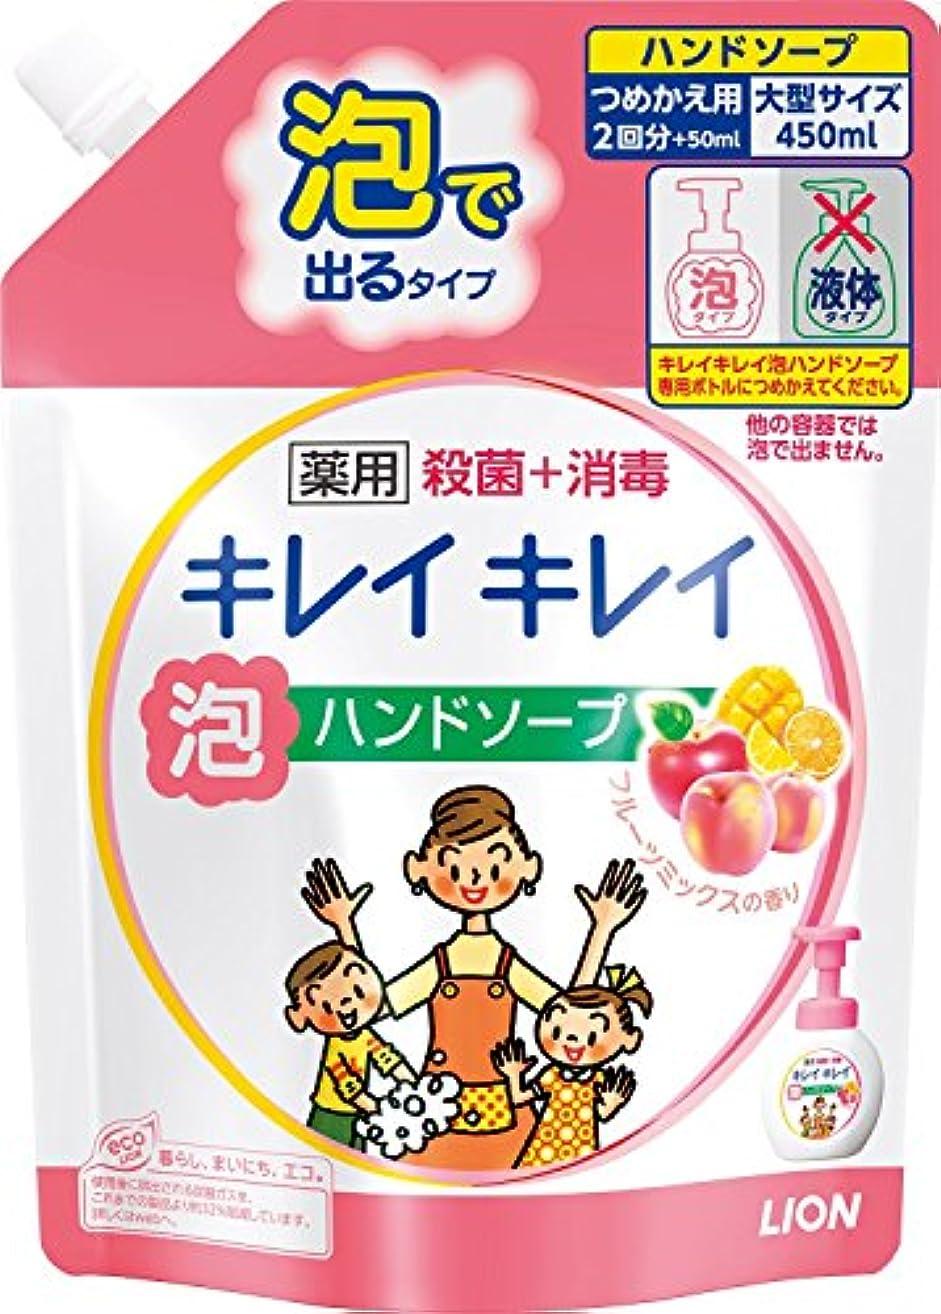 アンテナハンドブック解任キレイキレイ 薬用泡ハンドソープ フルーツミックスの香り つめかえ用 大型サイズ 450ml ×10個セット